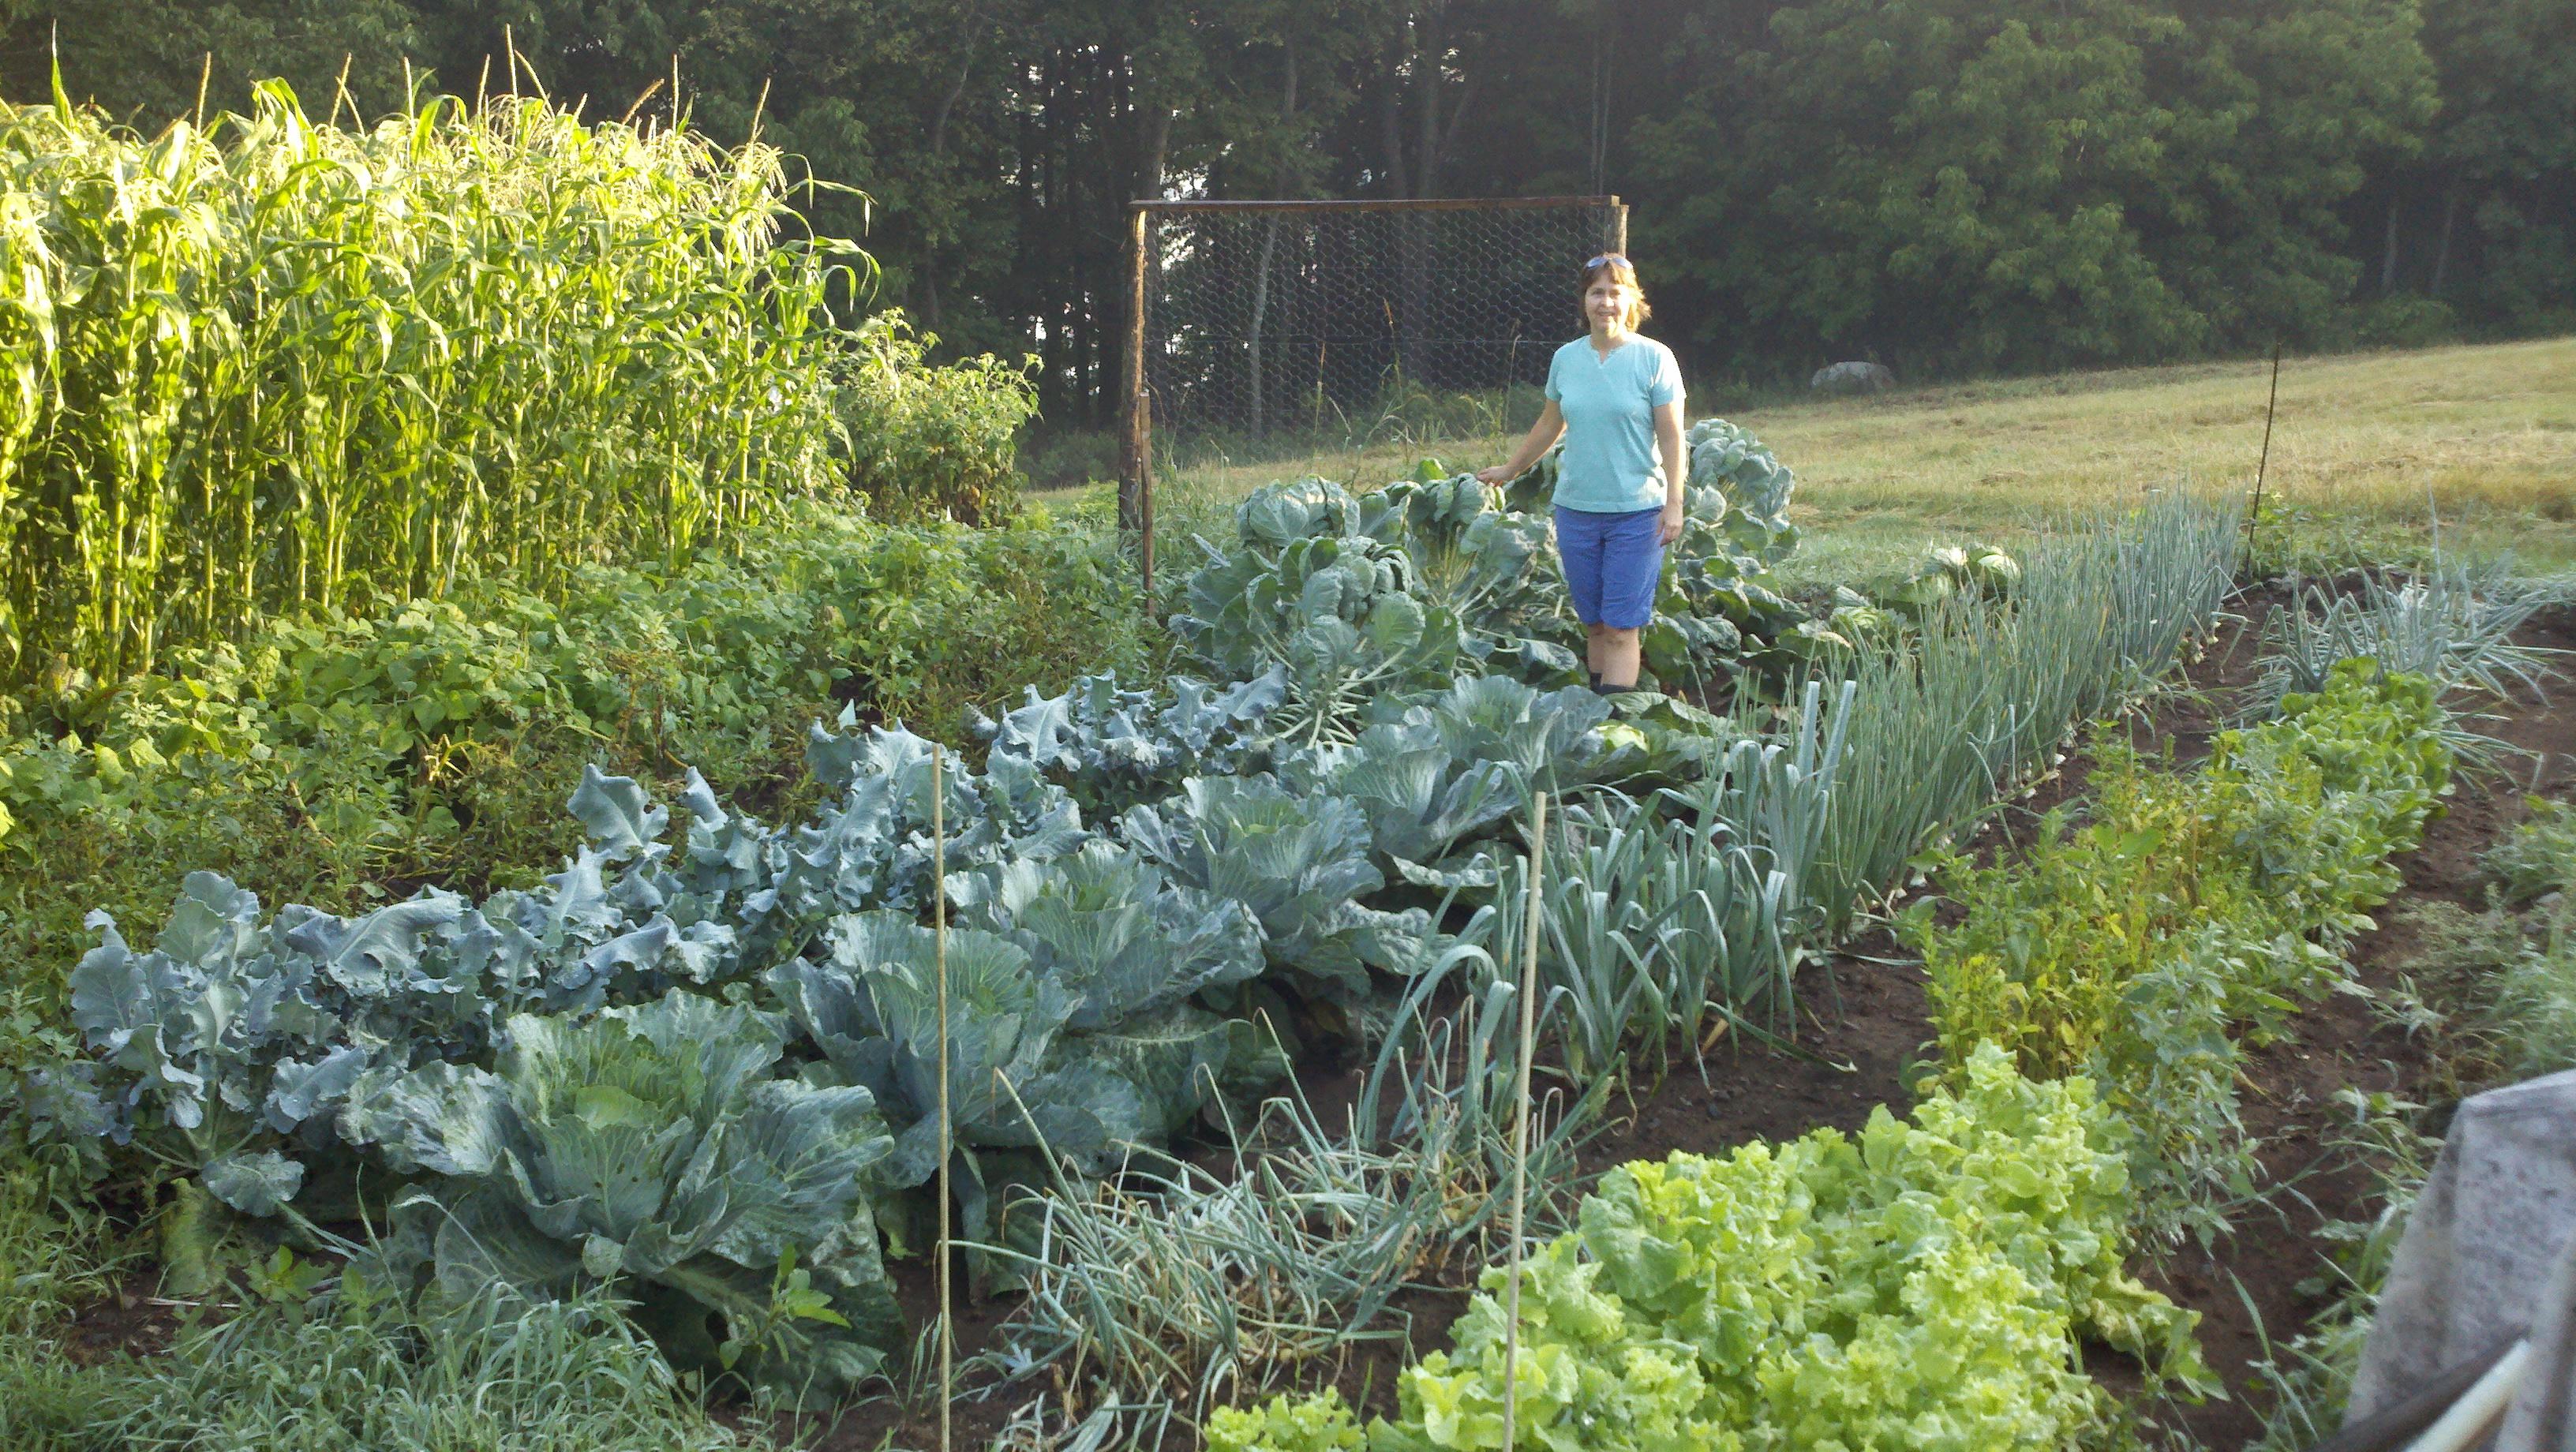 Garden in full swing